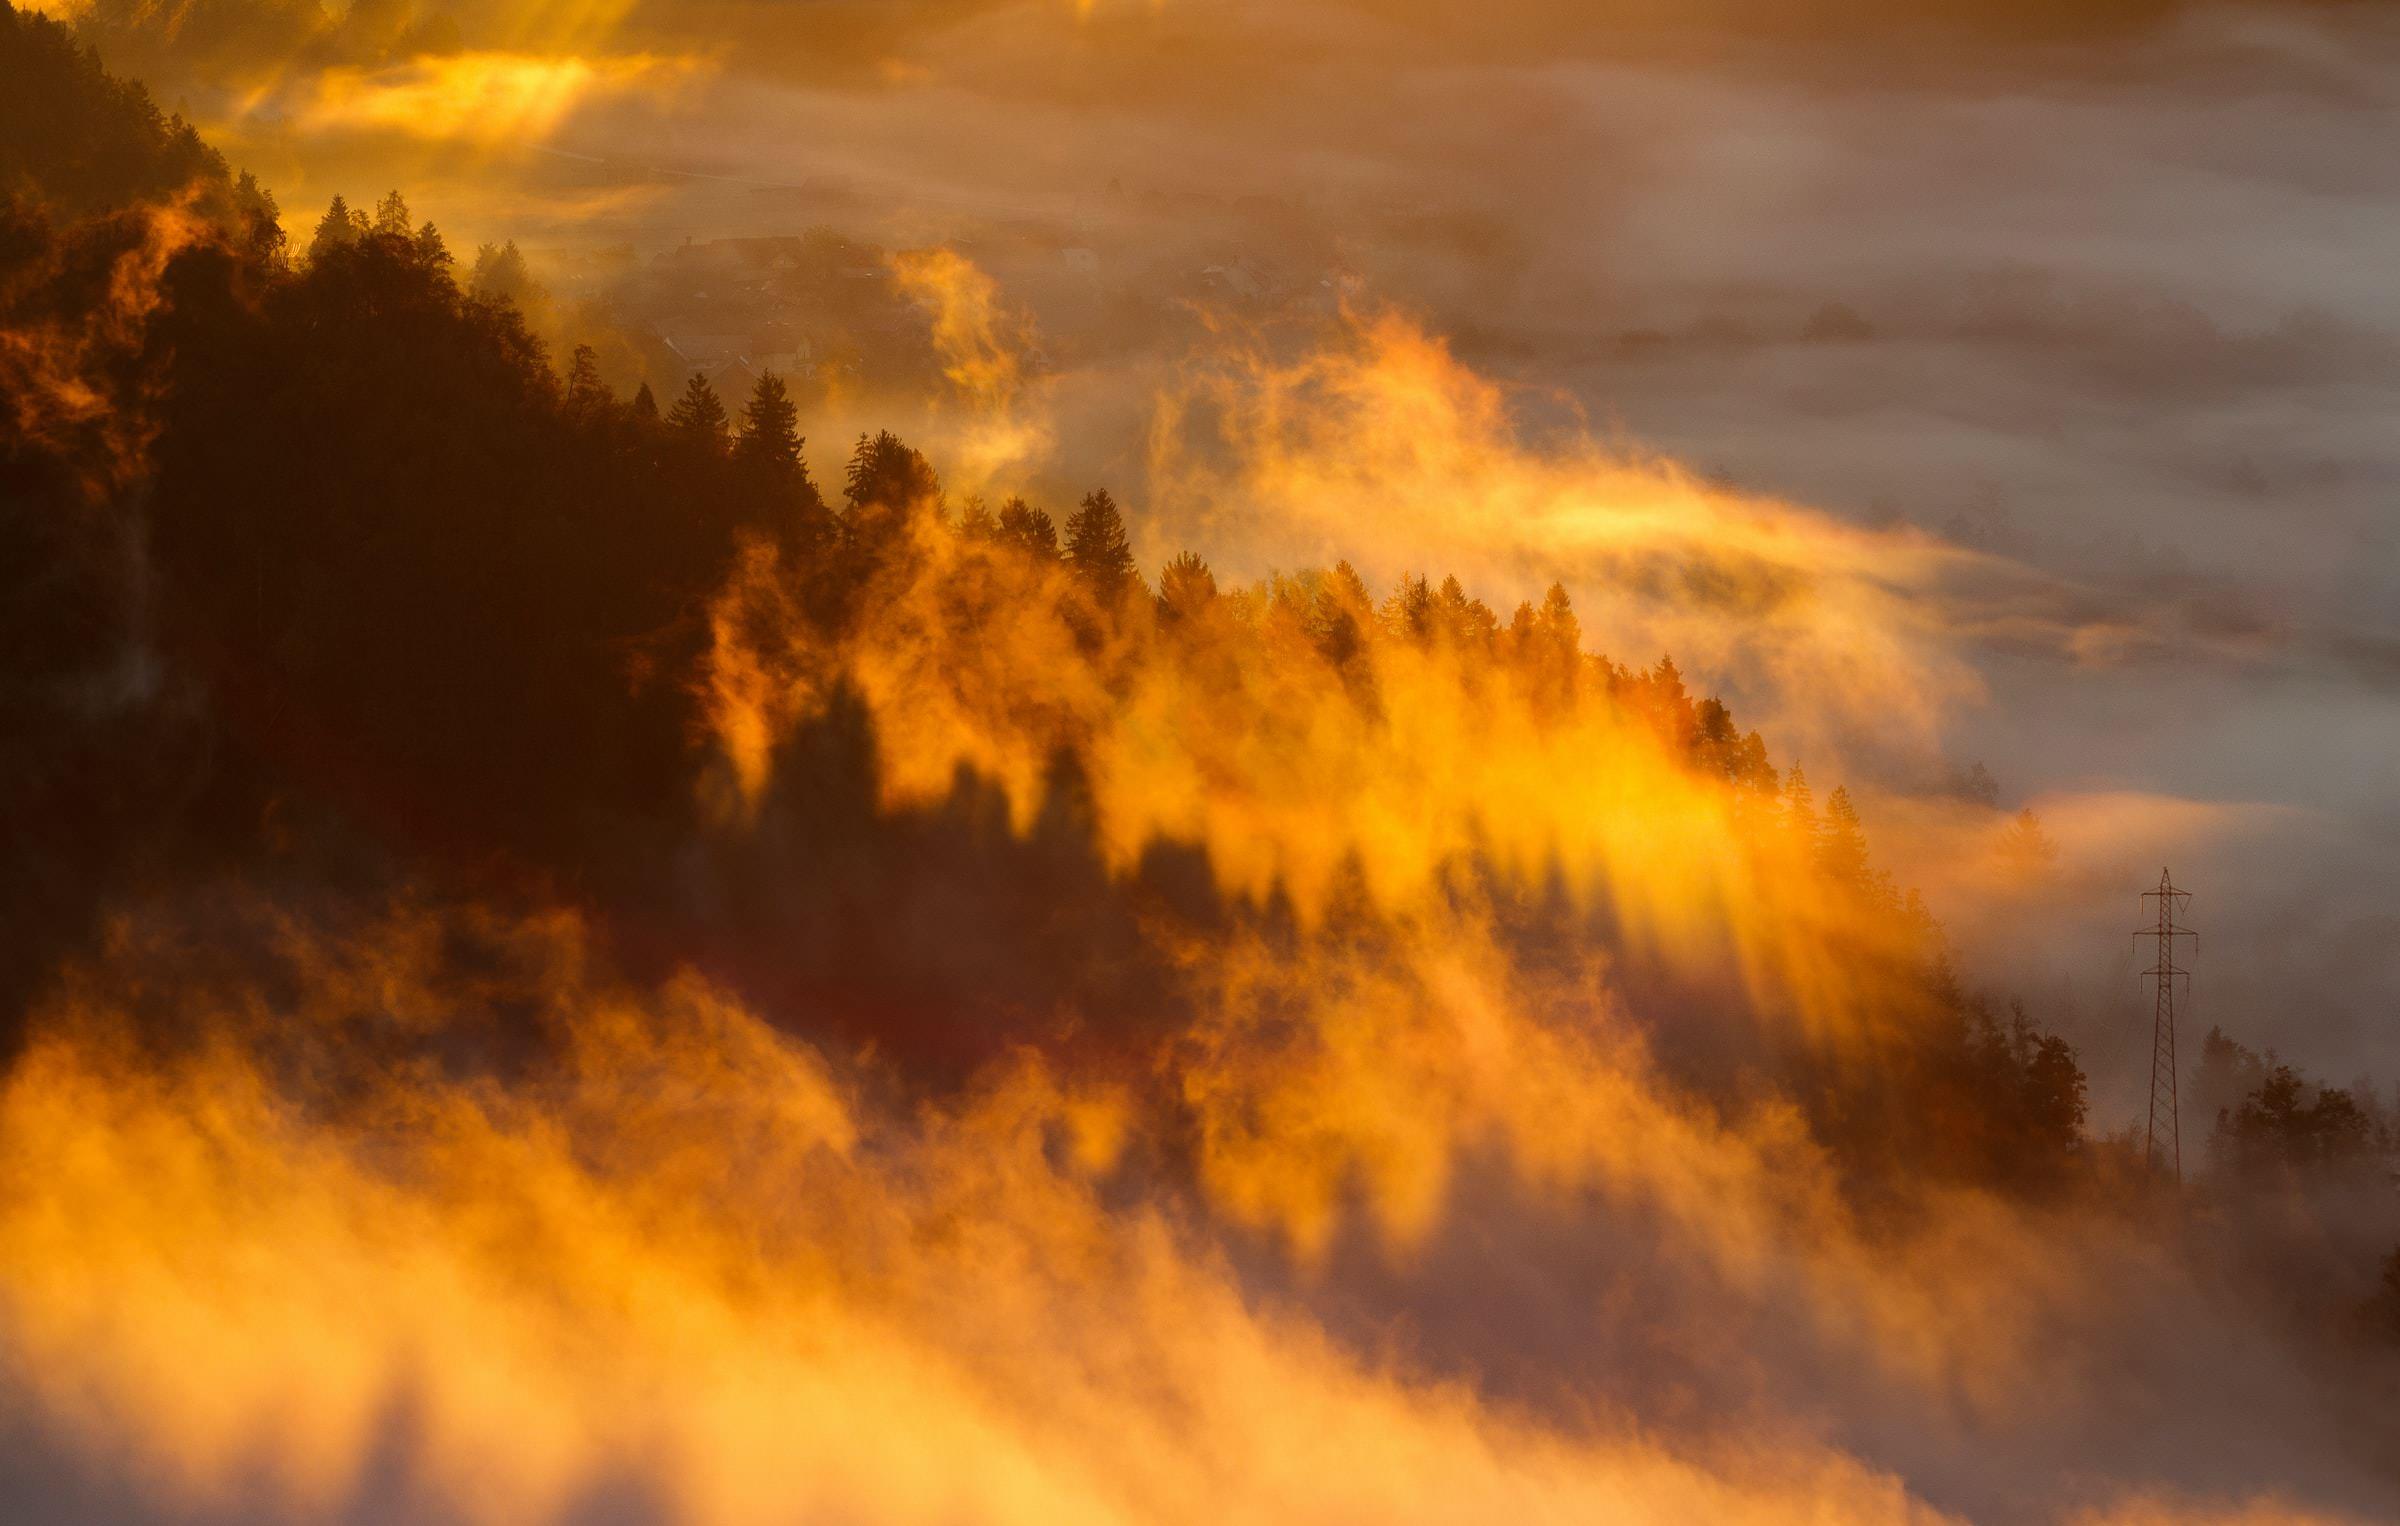 golden-hour-preset